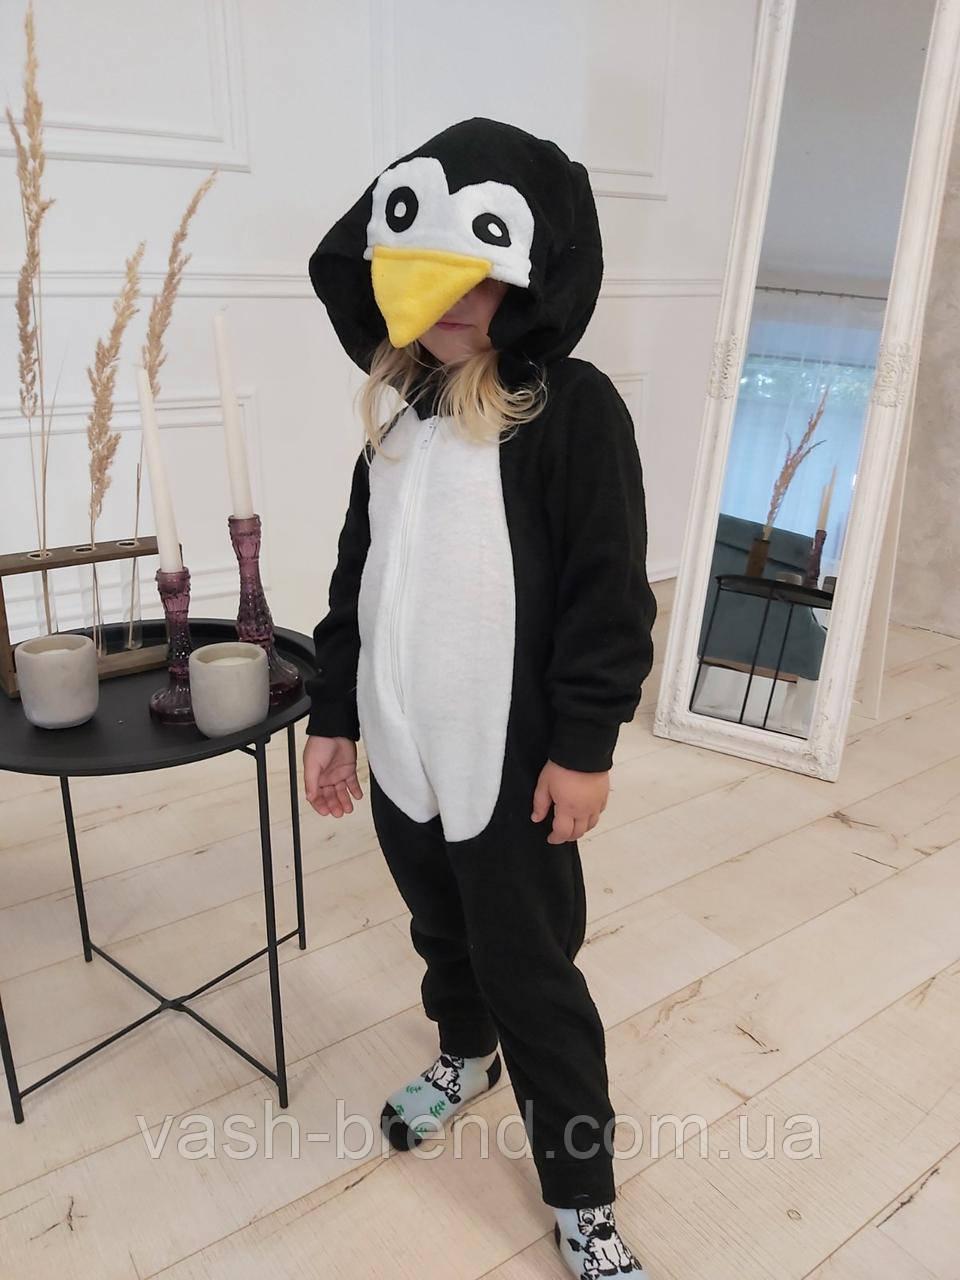 Піжама Кигуруми пінгвін для всієї сім'ї Україна